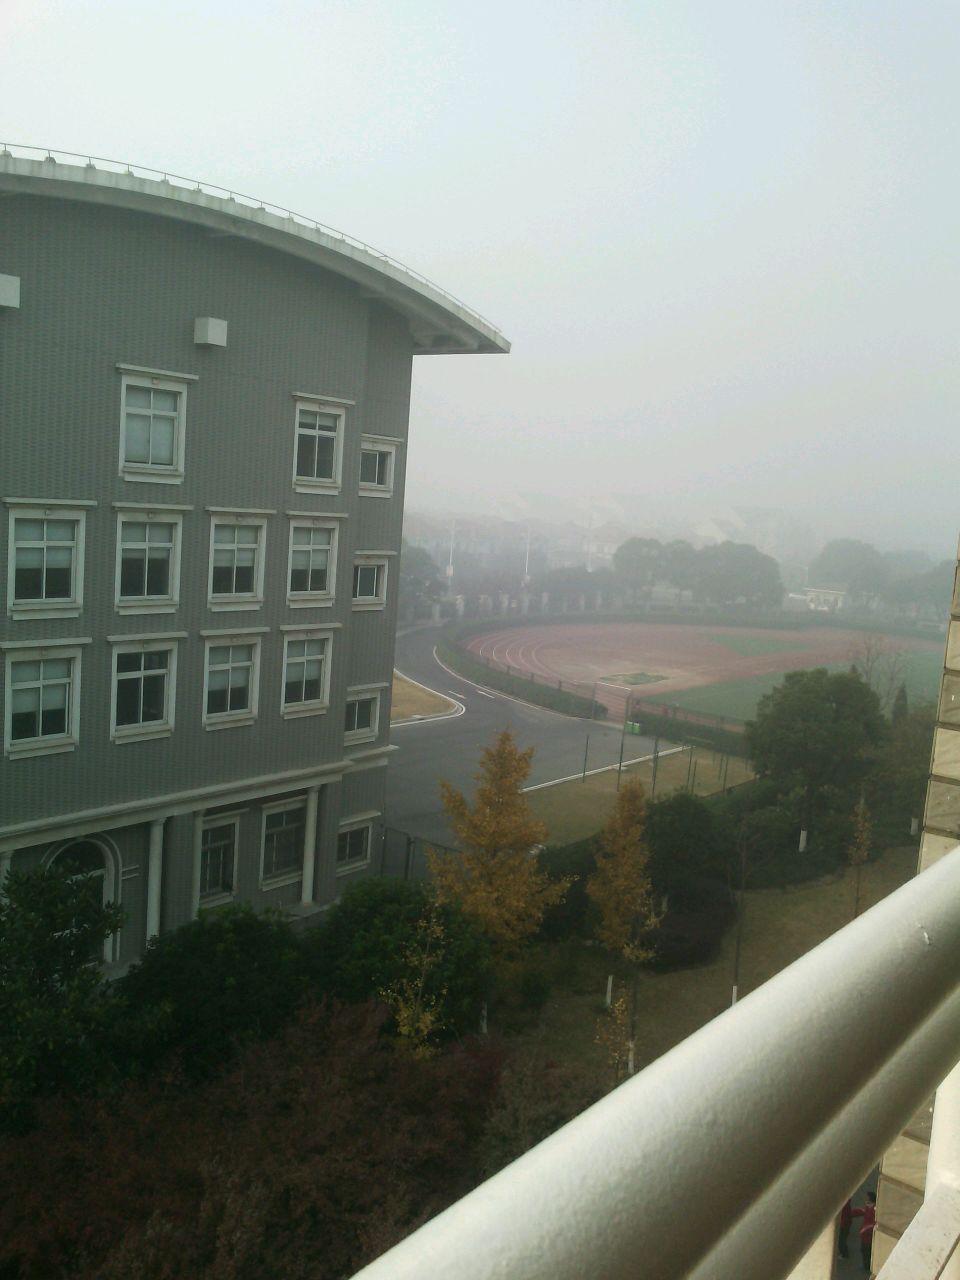 松江区新桥中学_松江区新桥中学的频道